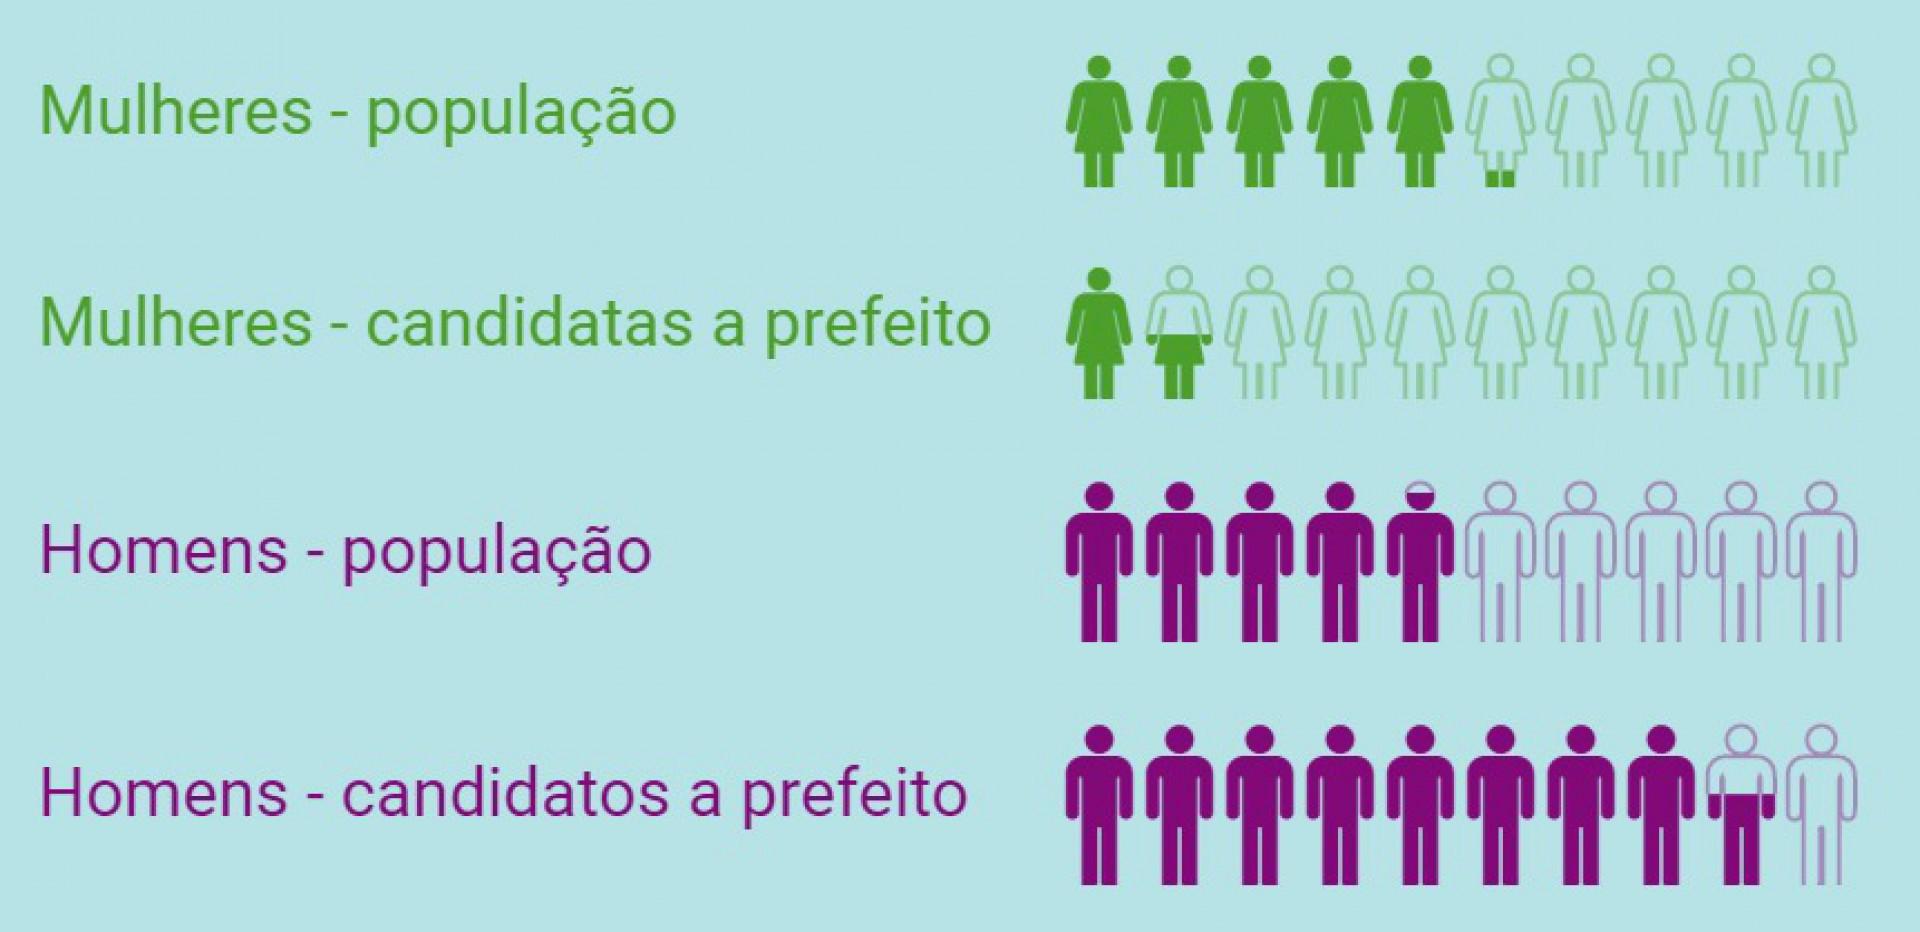 Proporção de gênero na população cearense (Censo IBGE 2010) e nos candidatos a prefeito no Ceará nas eleições 2020